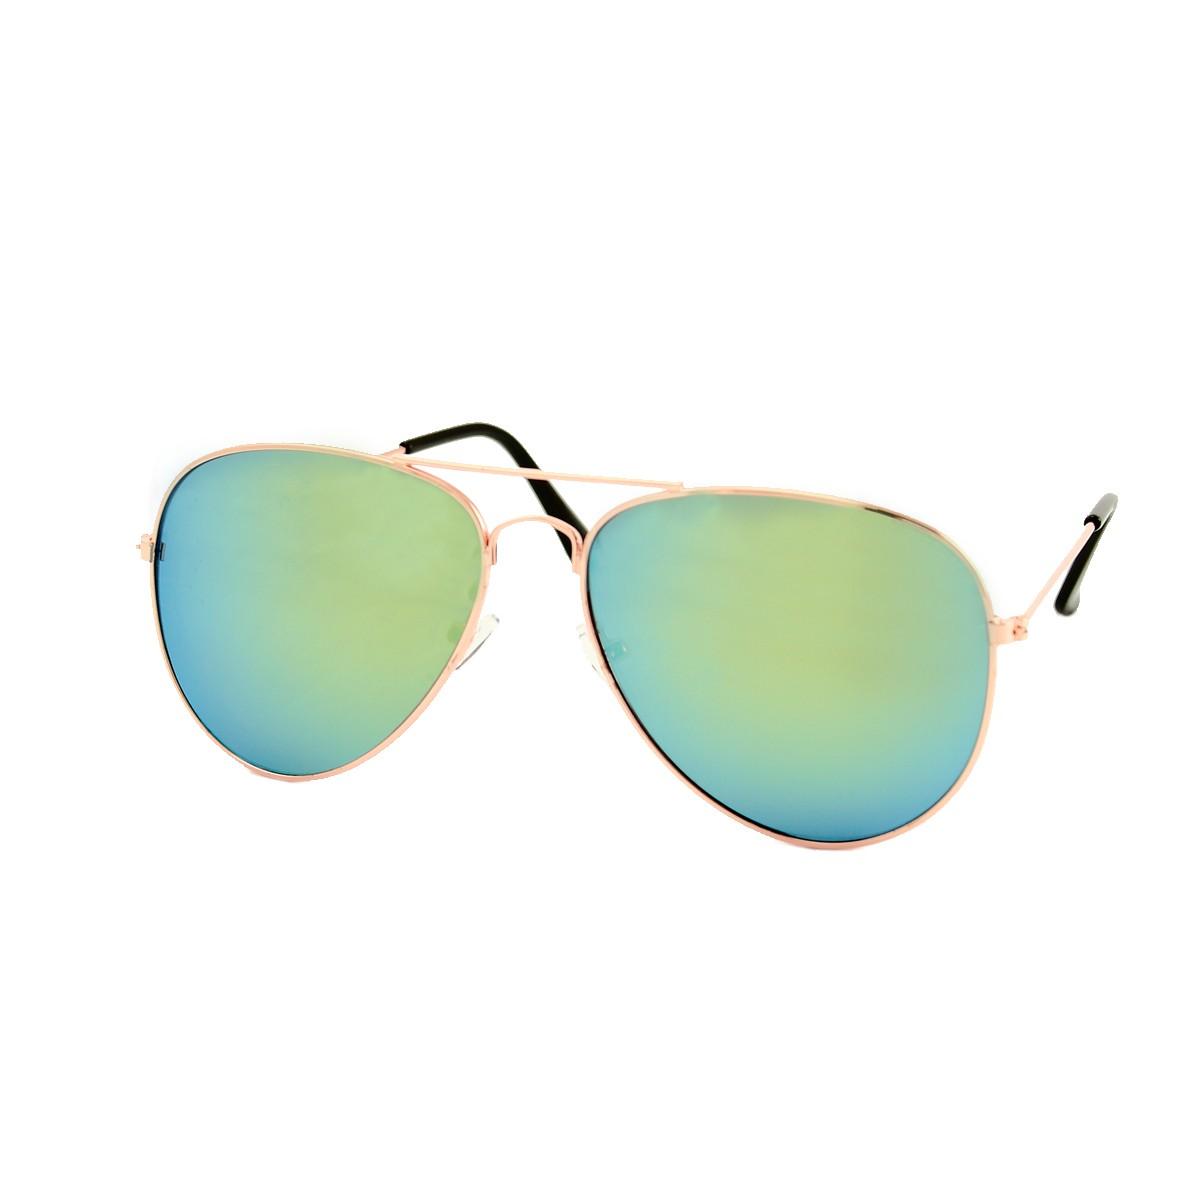 yellow green mirrored gold aviator sunglasses